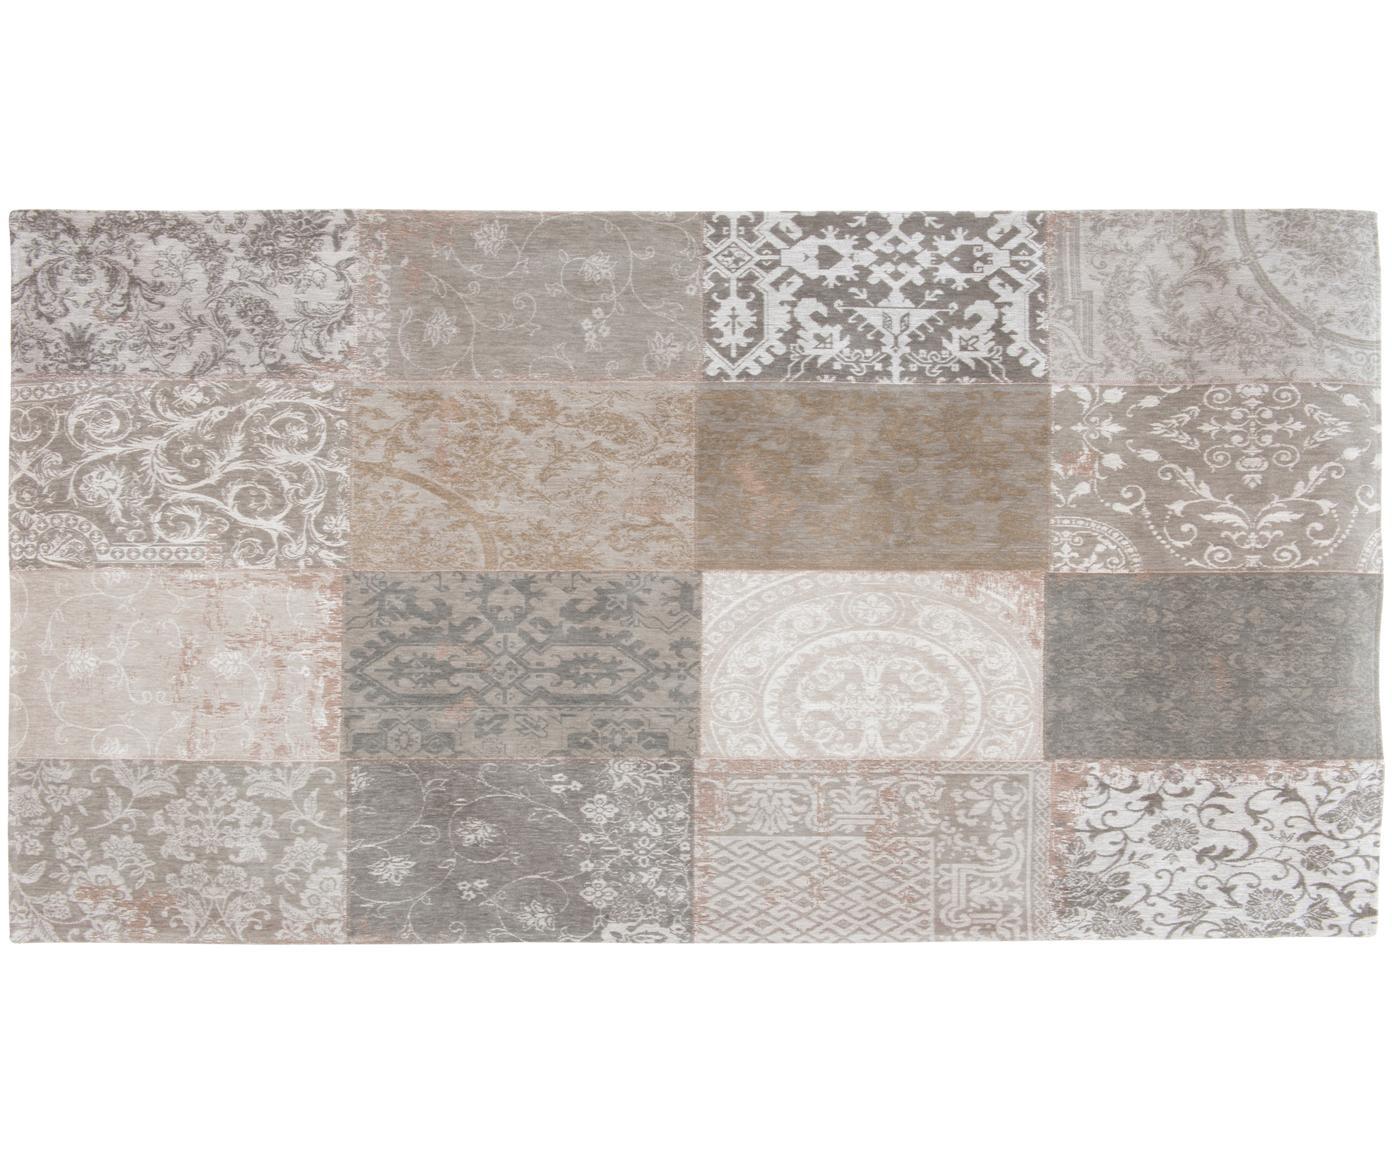 Chenille-Teppich Multi mit Patchwork-Design, Vorderseite: 85%Chenillegarn (Baumwol, Webart: Jacquard, Rückseite: Baumwollgemisch, latexbes, Beige, Grau, B 80 x L 150 cm (Größe XS)